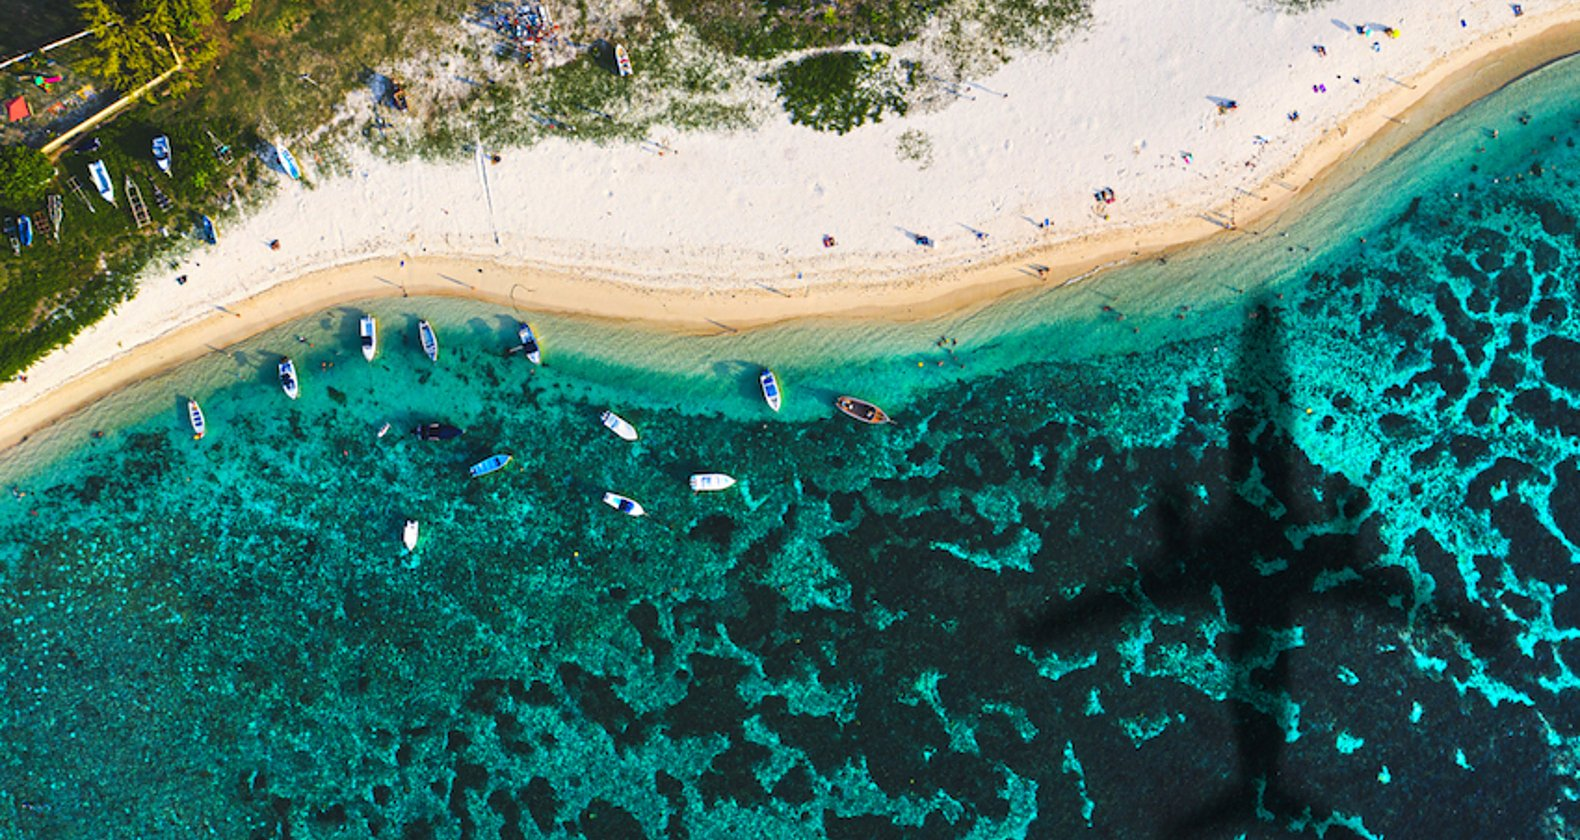 モーリシャス座礁事故の影響をSDGsから解説 注目される理由は?の画像